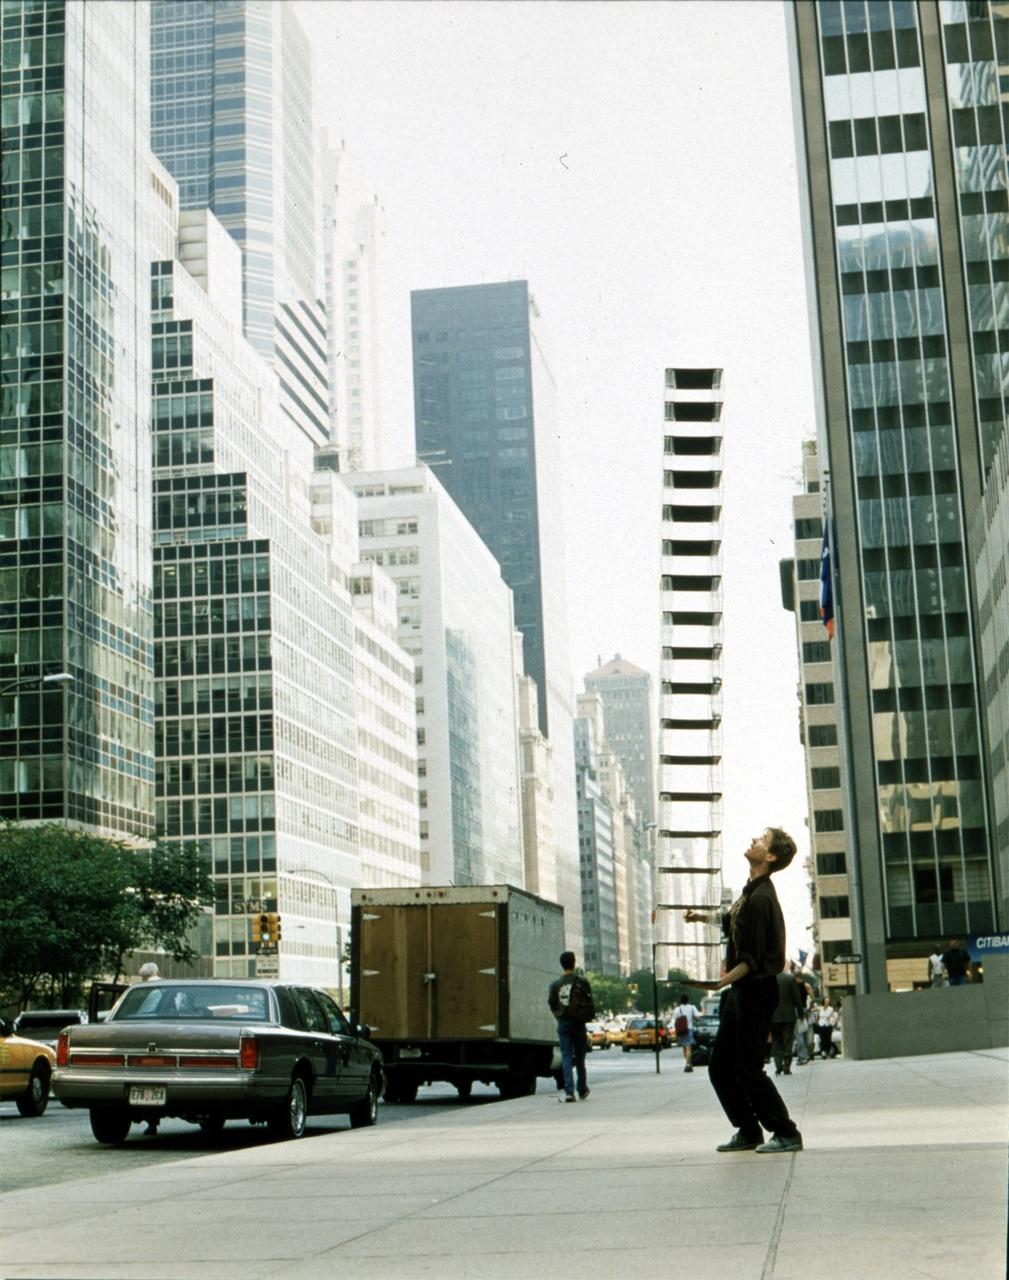 Job Koelewijn, A Balancing Act, 1998, courtesy de kunstenaar en Galerie Fons Welters, Amsterdam.jpg